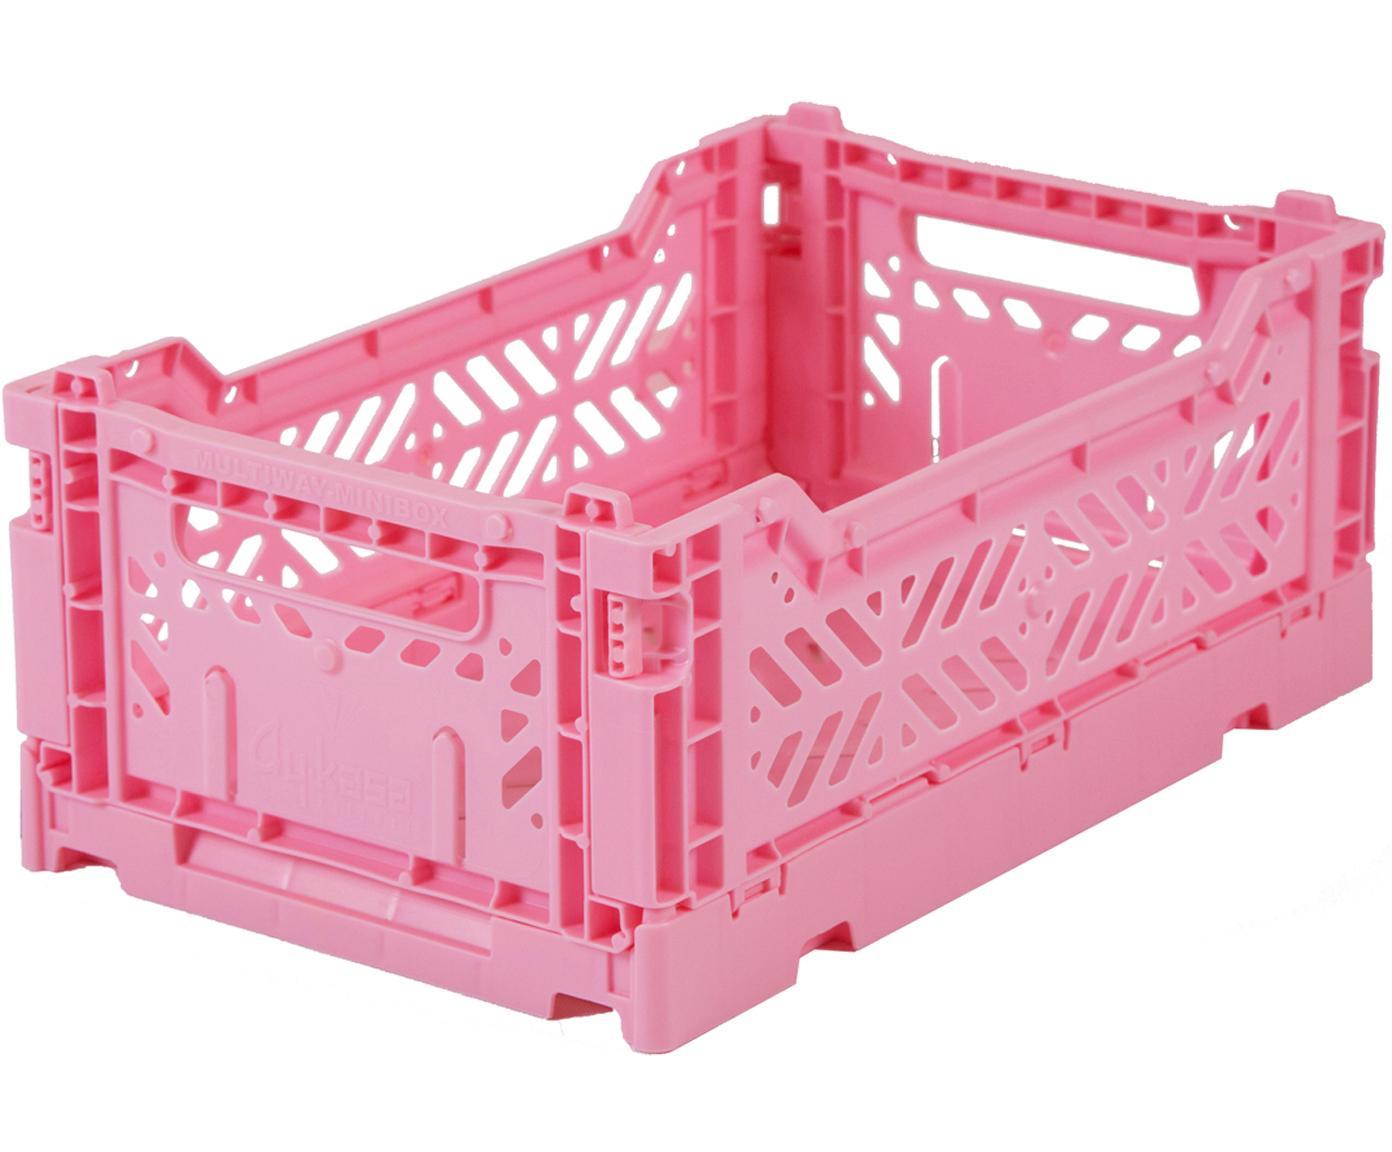 Kosz do przechowywania Baby Pink, składany, mały, Tworzywo sztuczne z recyklingu, Różowy, S 27 x W 11 cm